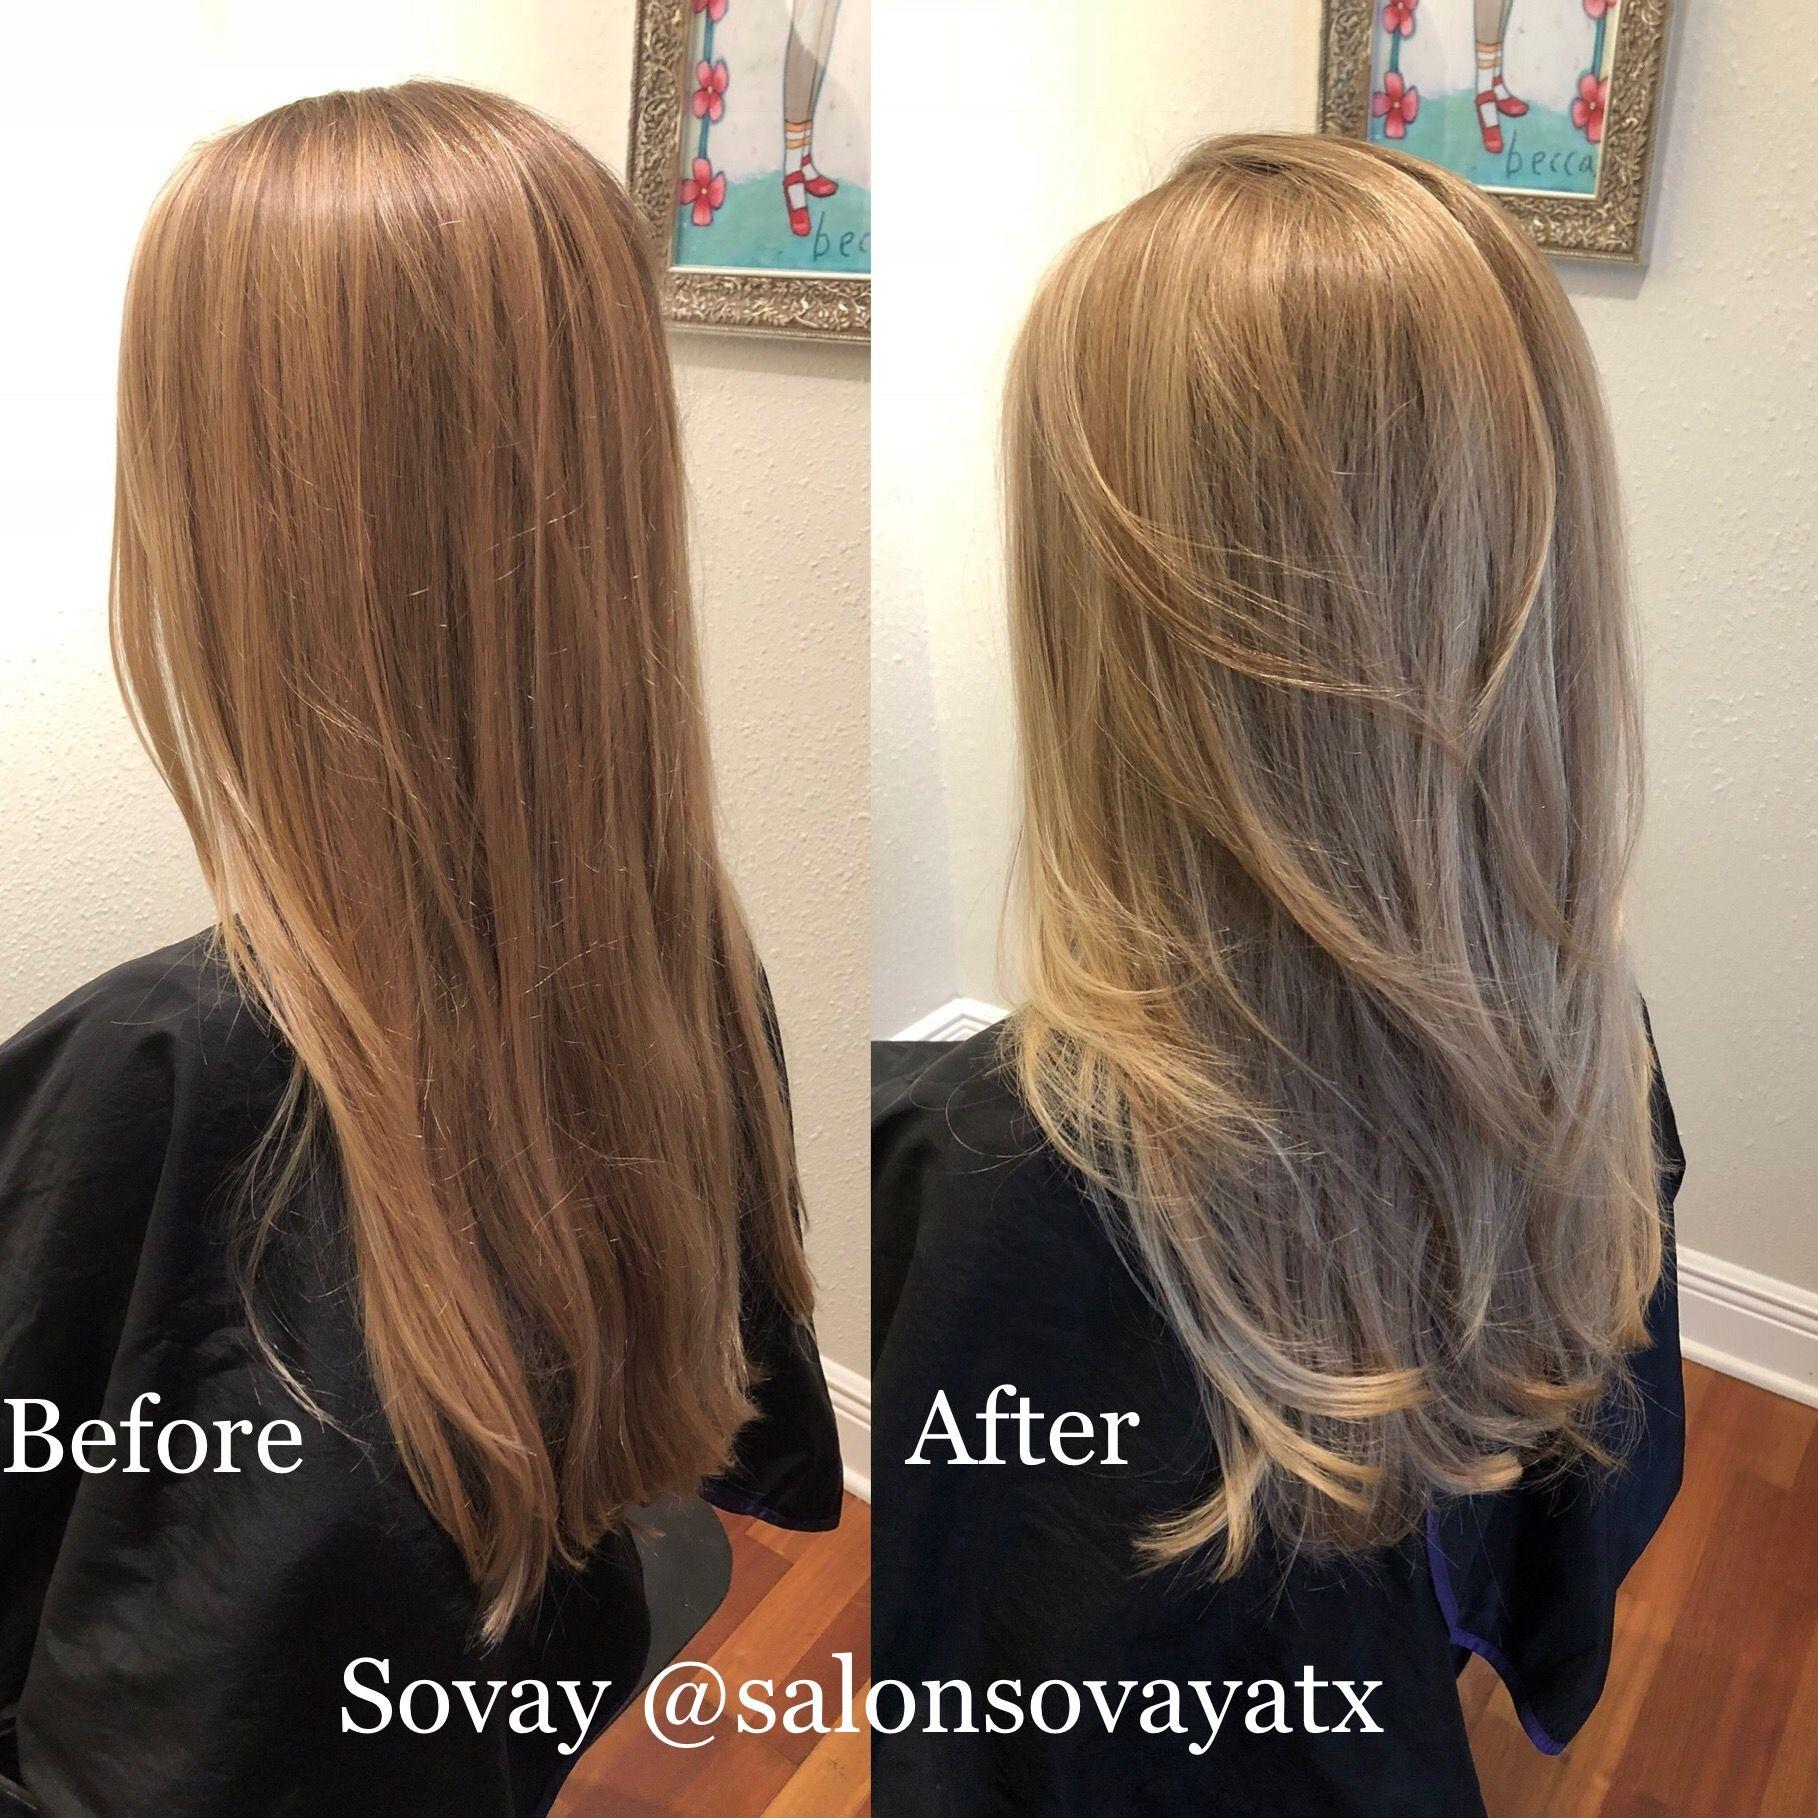 Salon Sovay